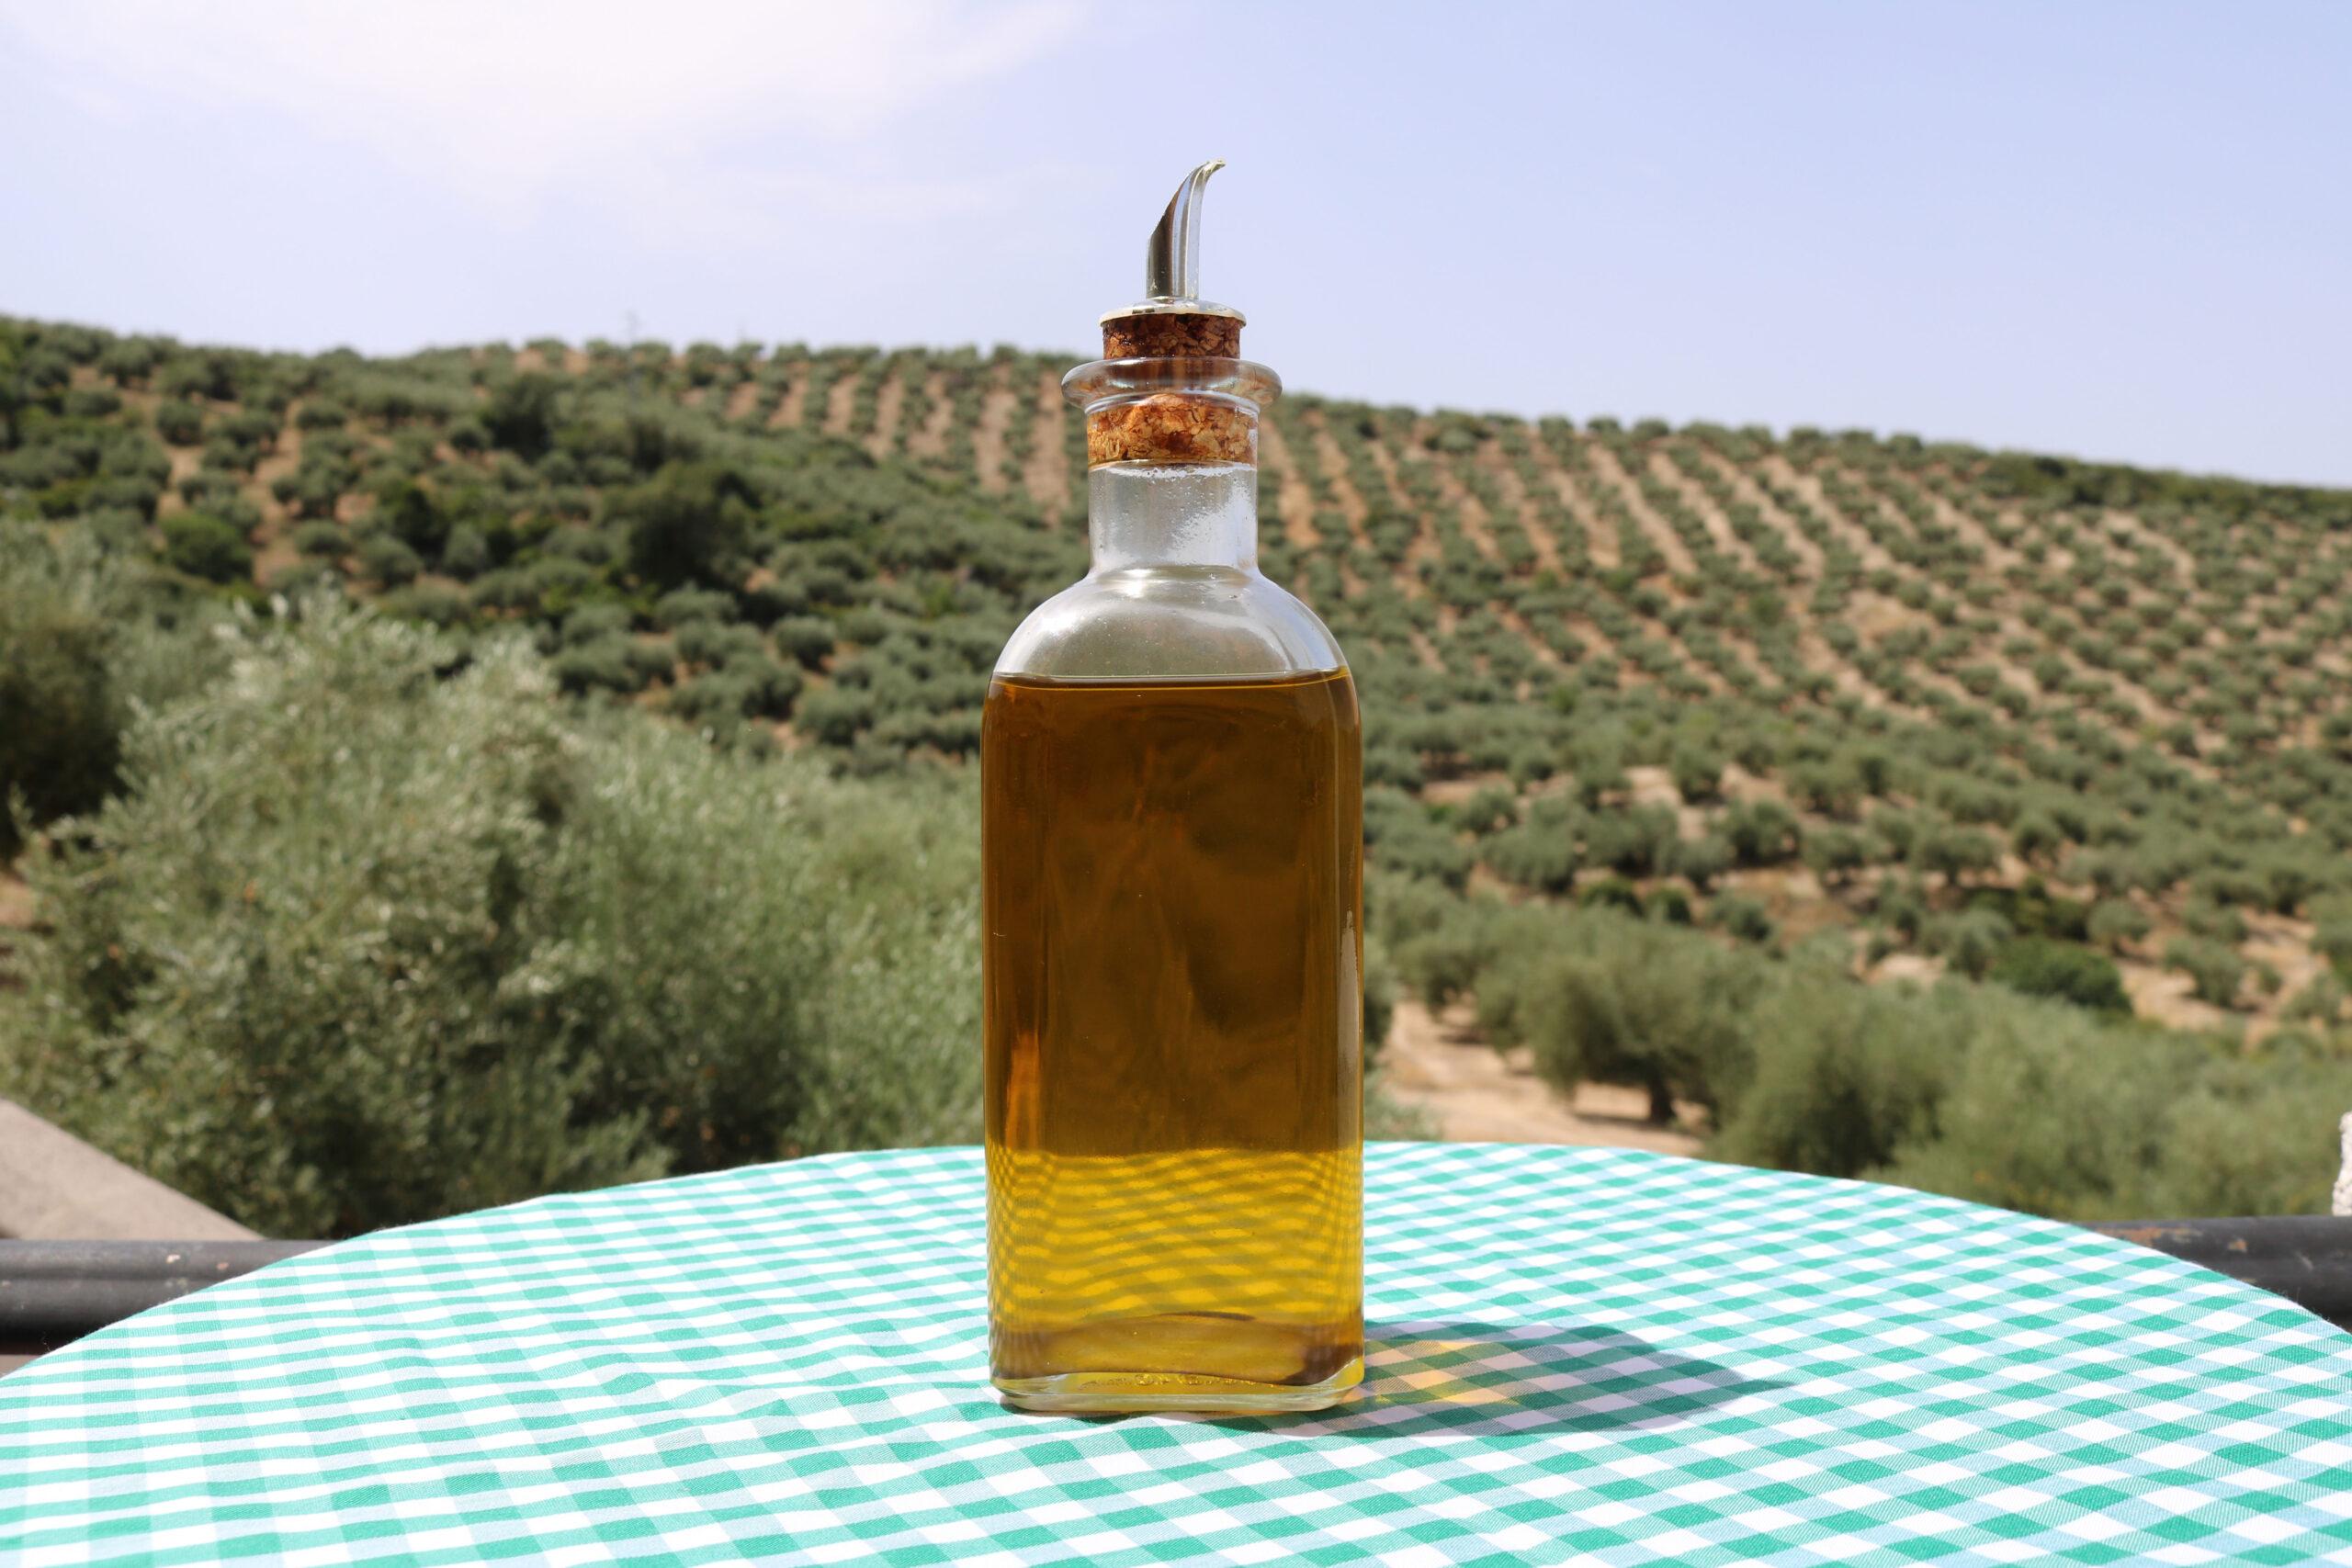 descubre los mejores aceites de oliva virgen extra gourmet y disfruta del AOVE